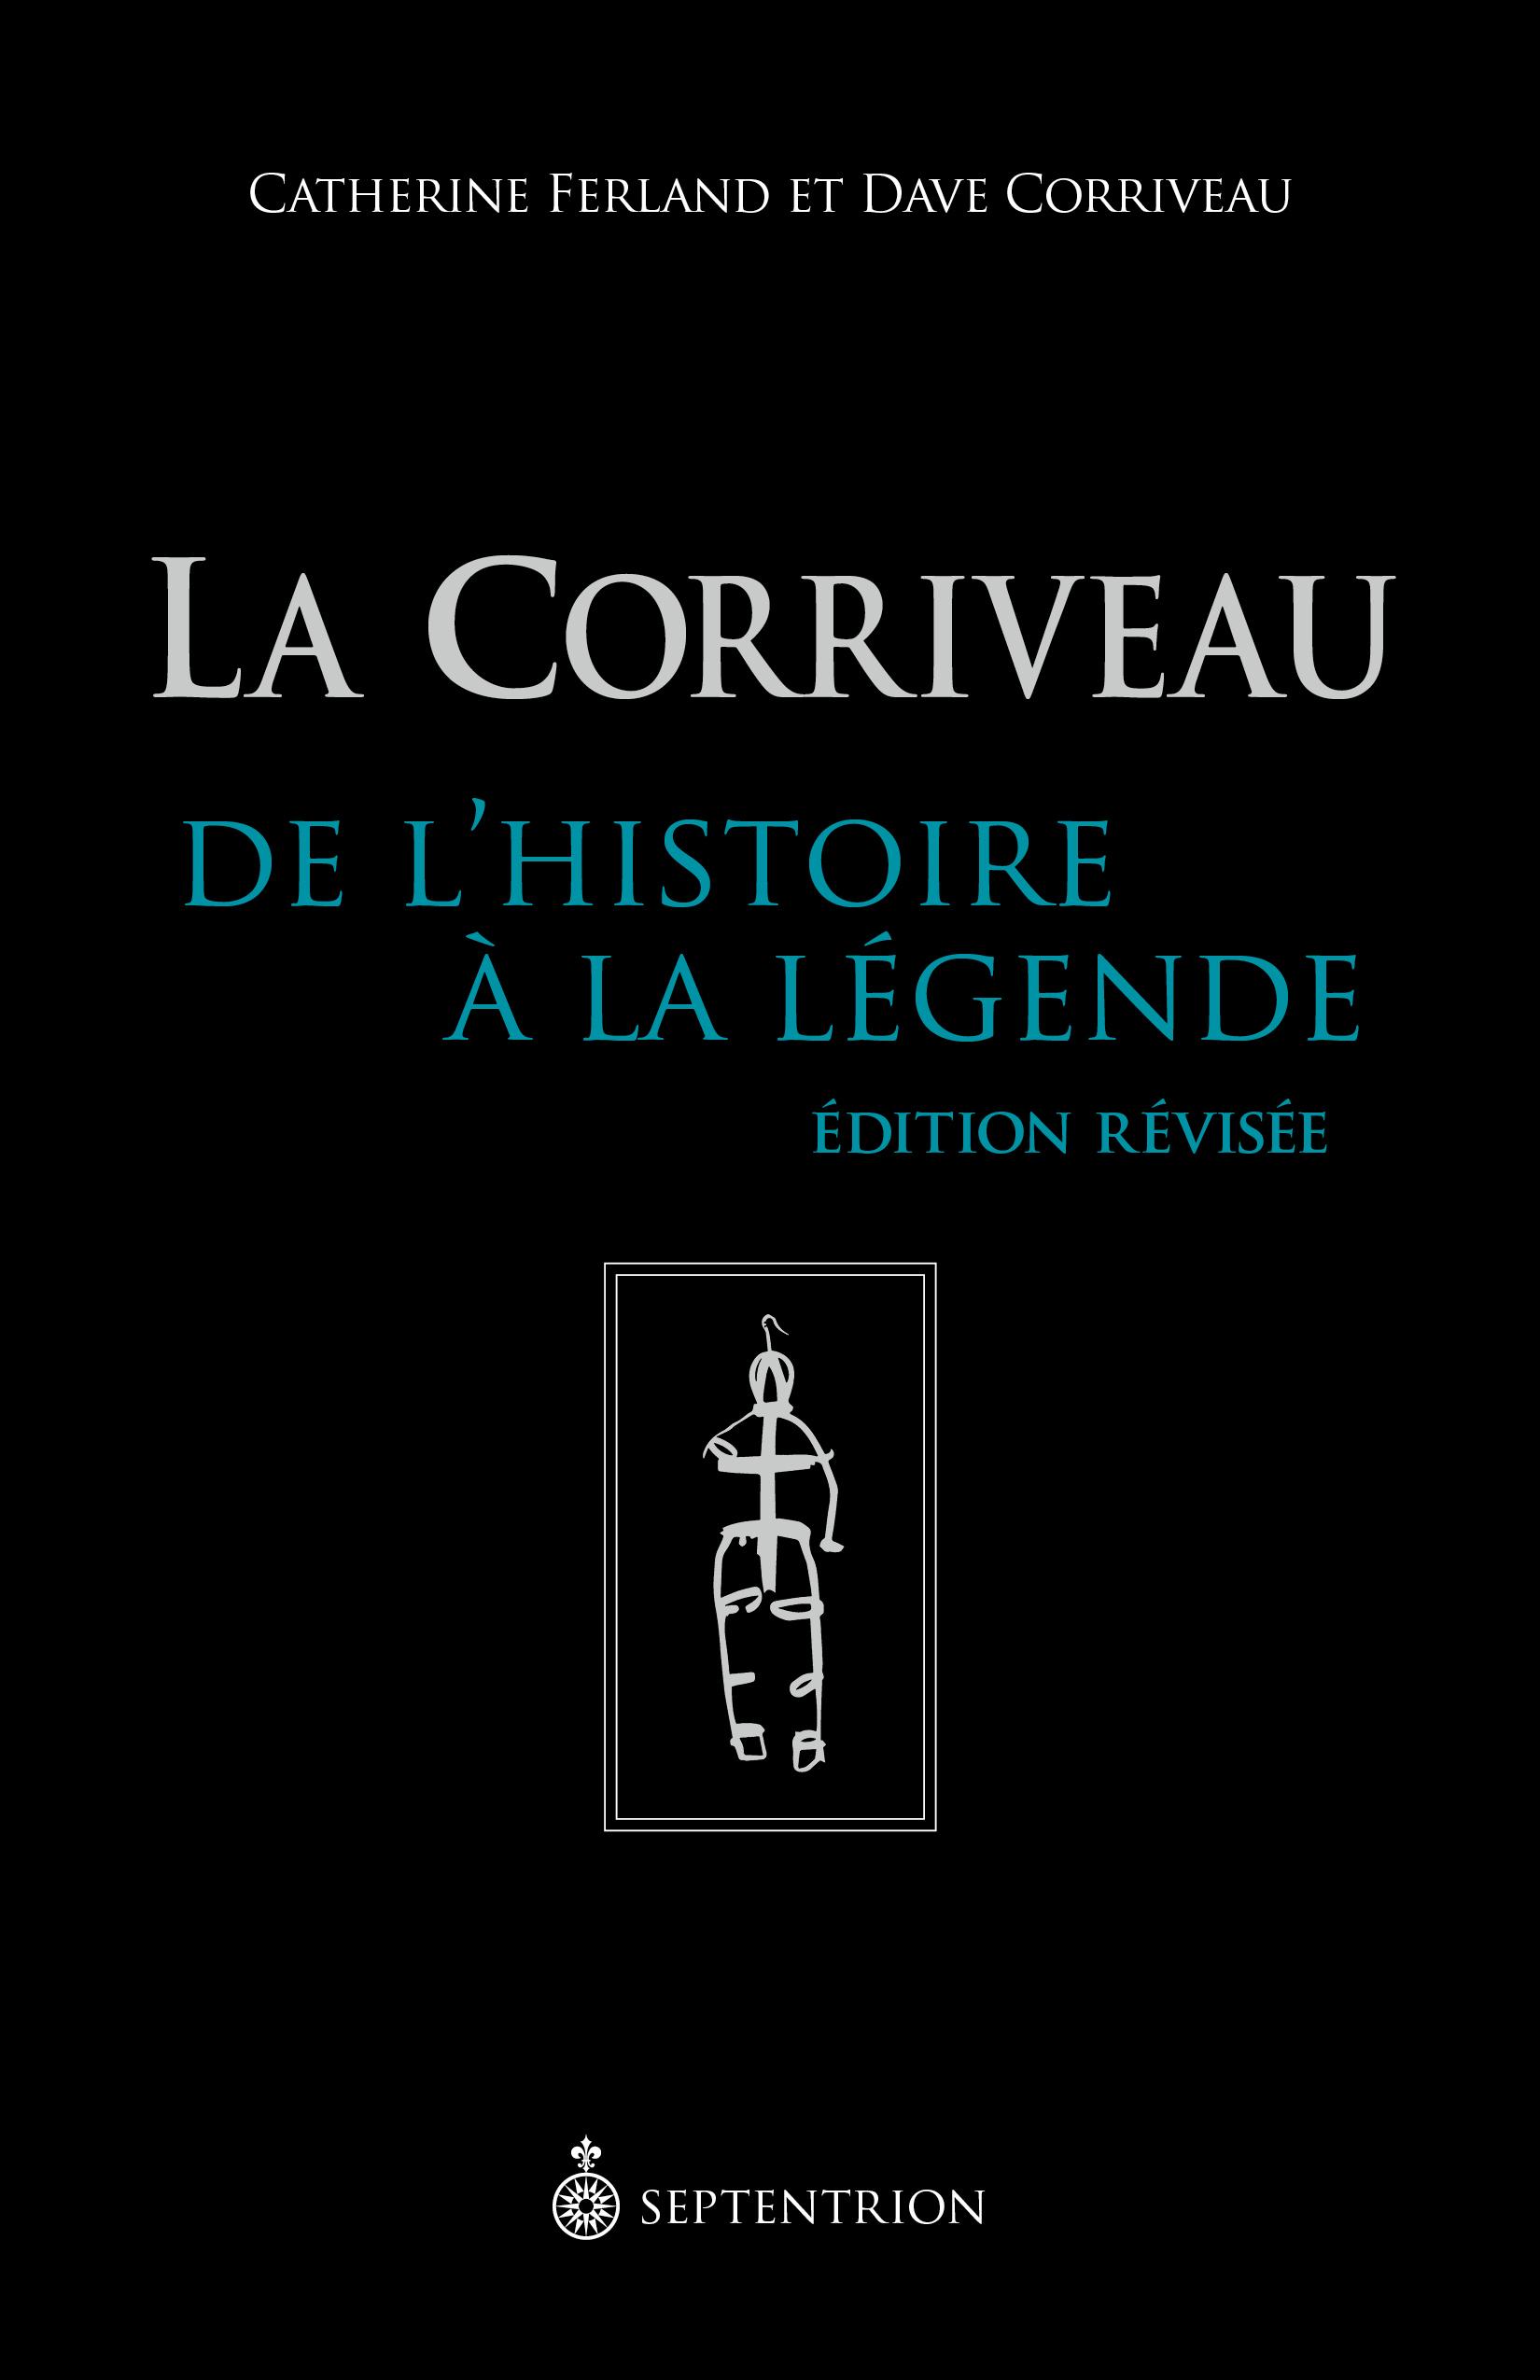 Couverture : La Corriveau, de l'histoire à la légende Catherine Ferland, Dave Corriveau